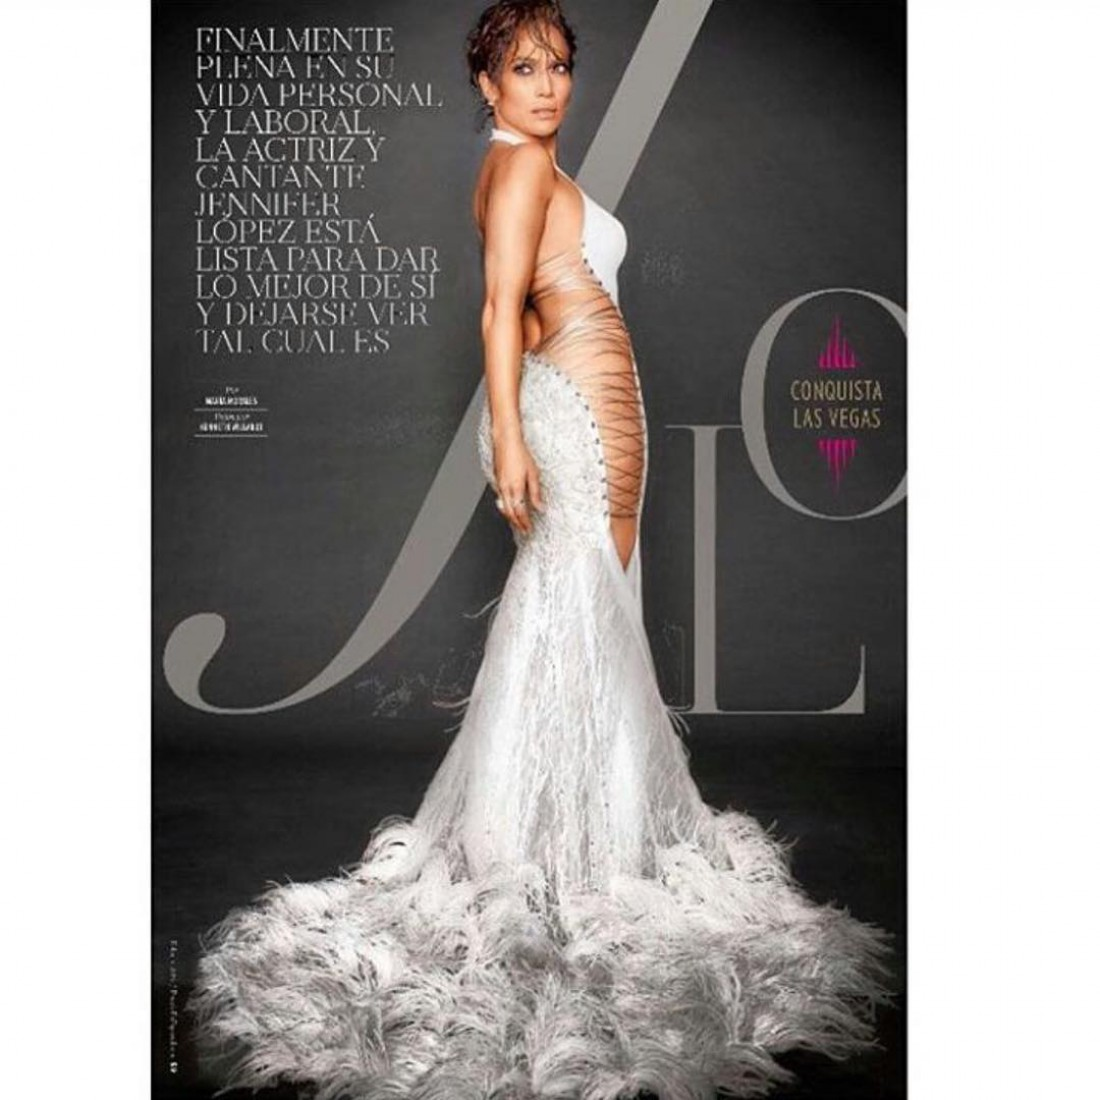 Дженнифер Лопес снялась для журнала People